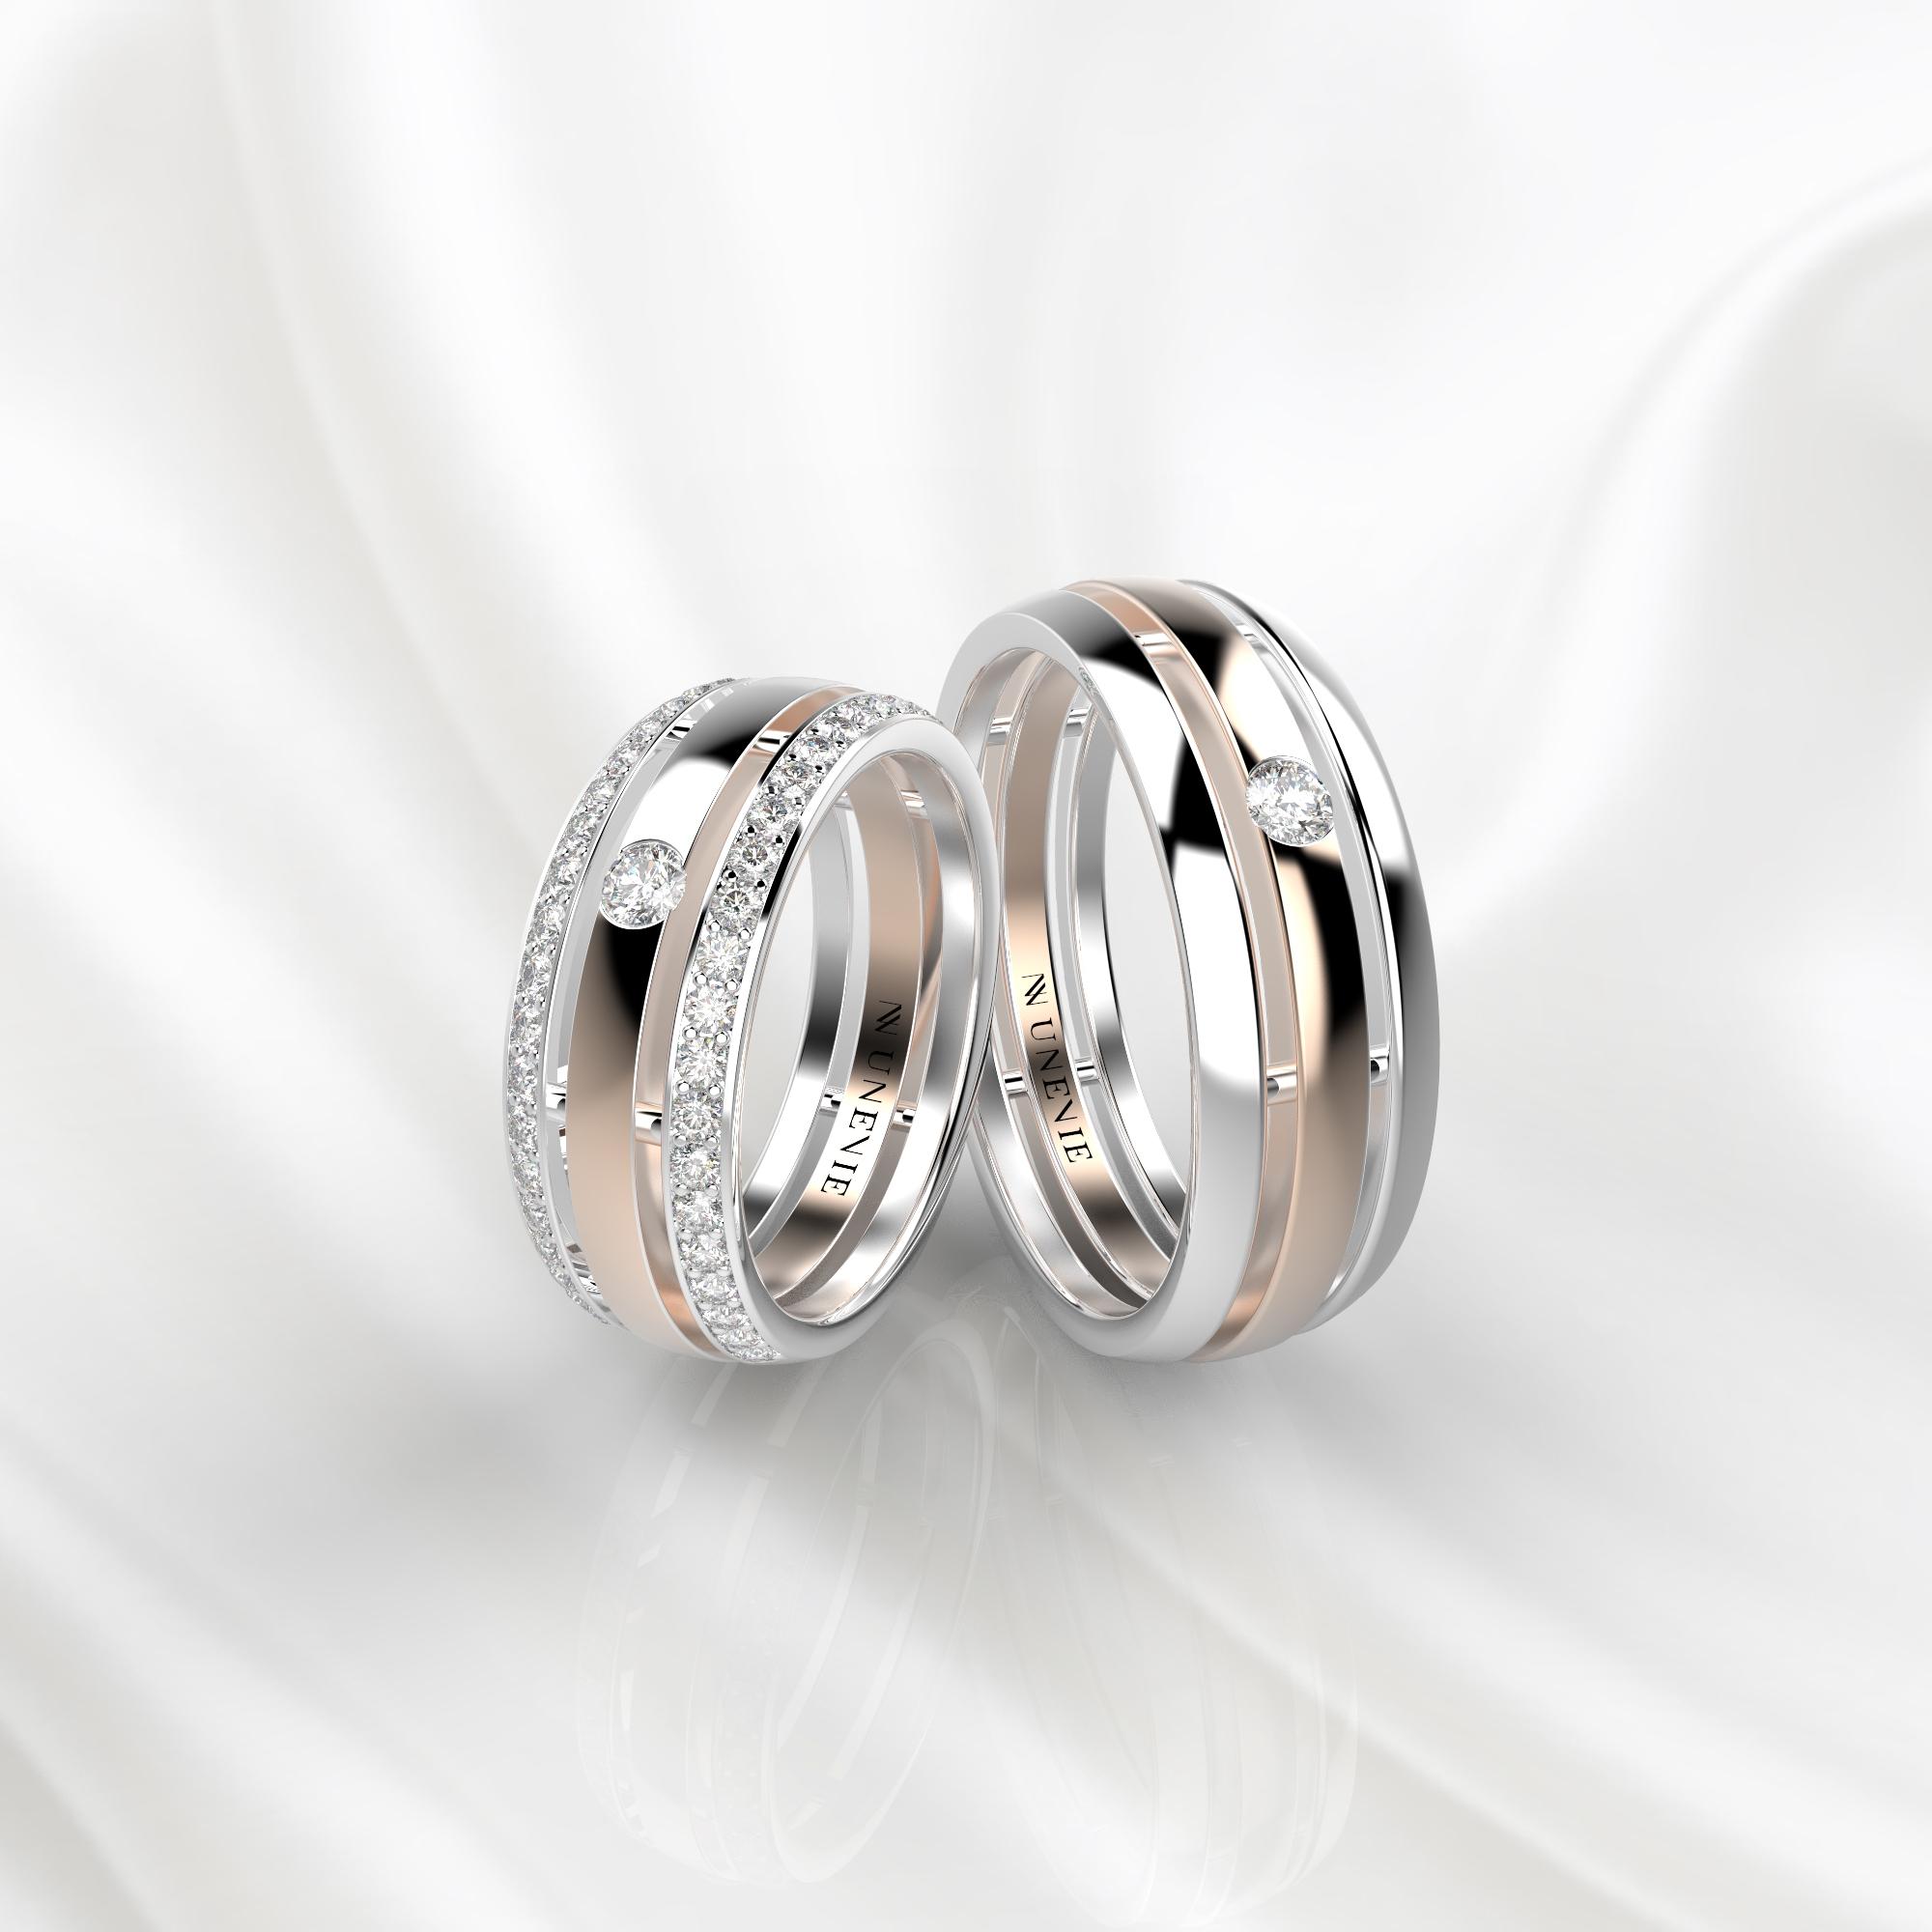 NV51 Парные обручальные кольца из бело-розового золота с бриллиантами